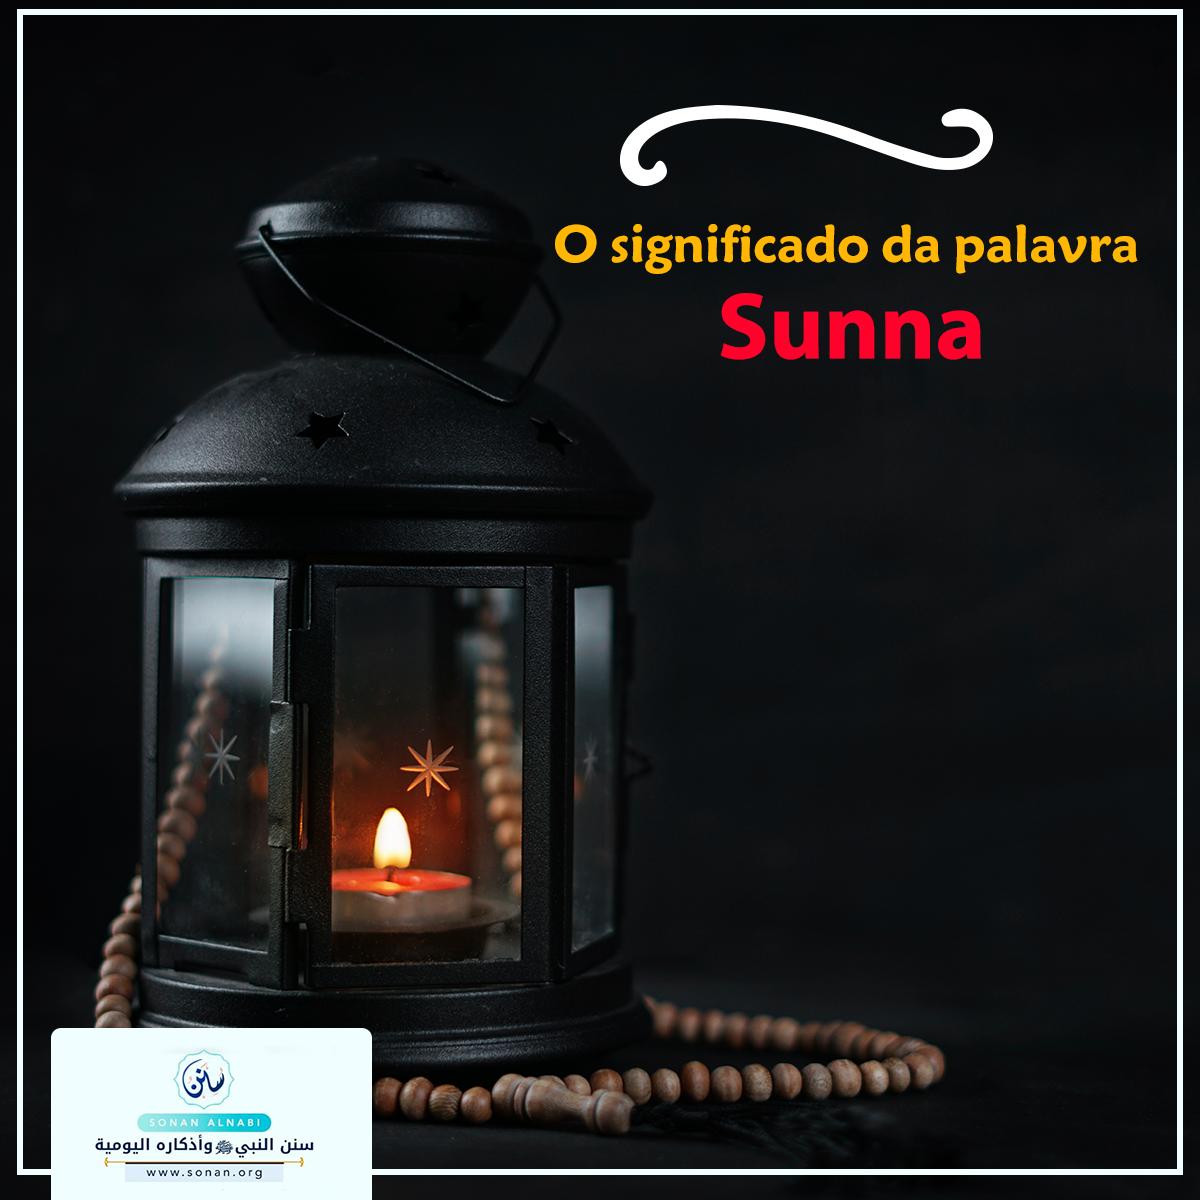 O significado da palavra Sunna